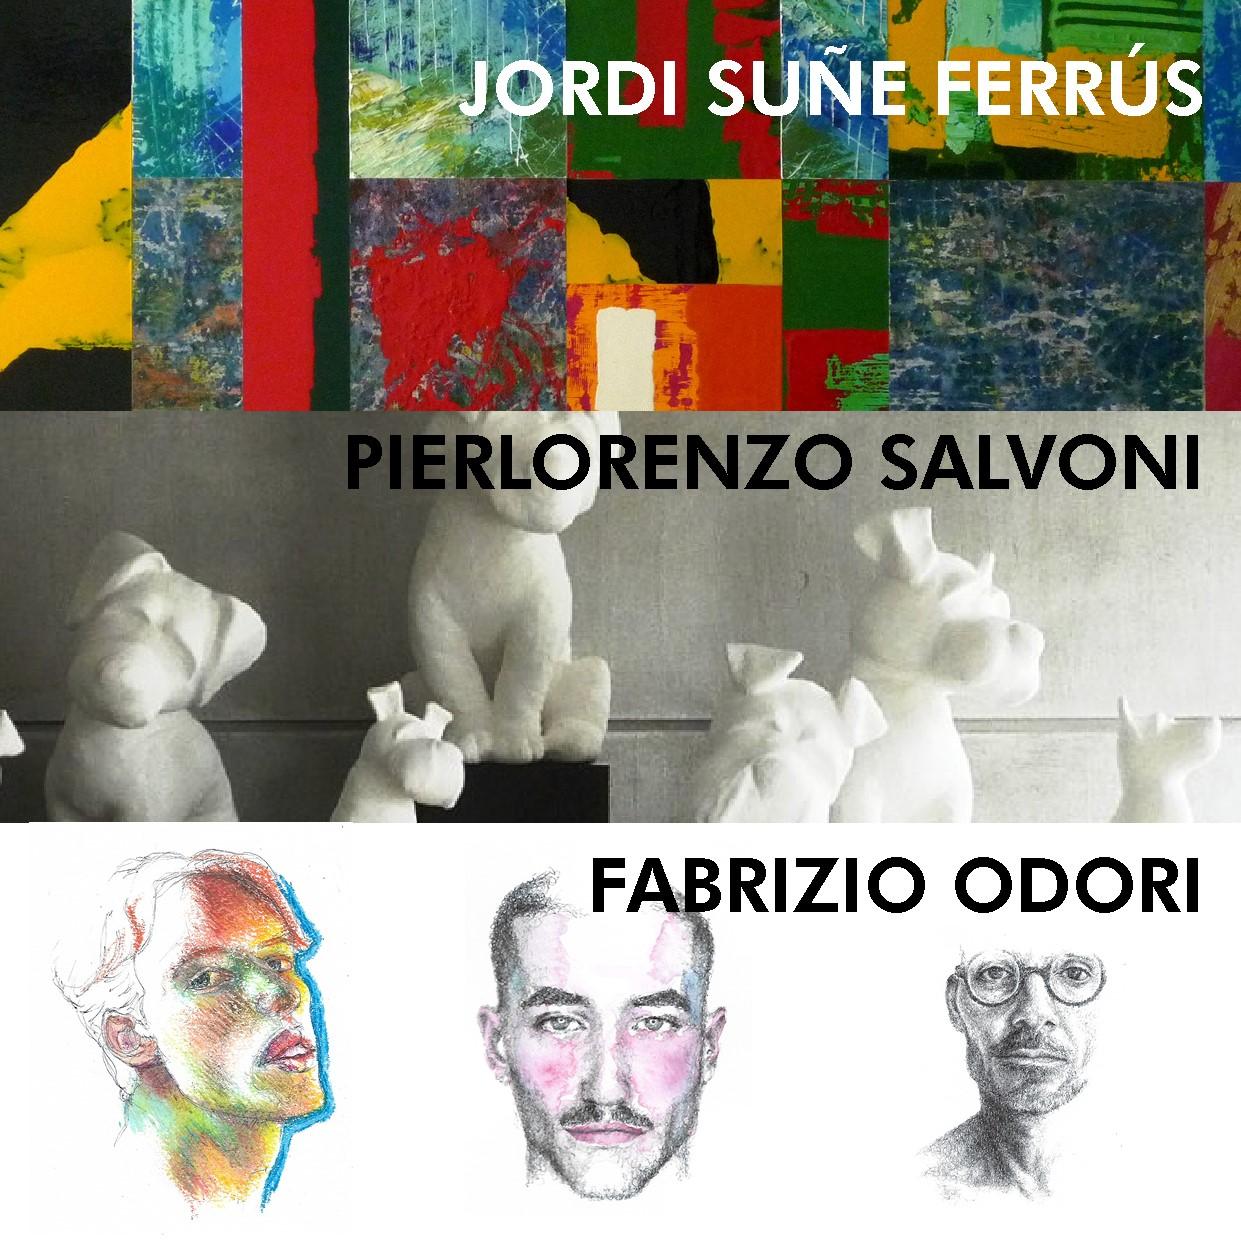 Meano - Asilo dei Creativi - Facebook - Odori Salvoni Ferrus